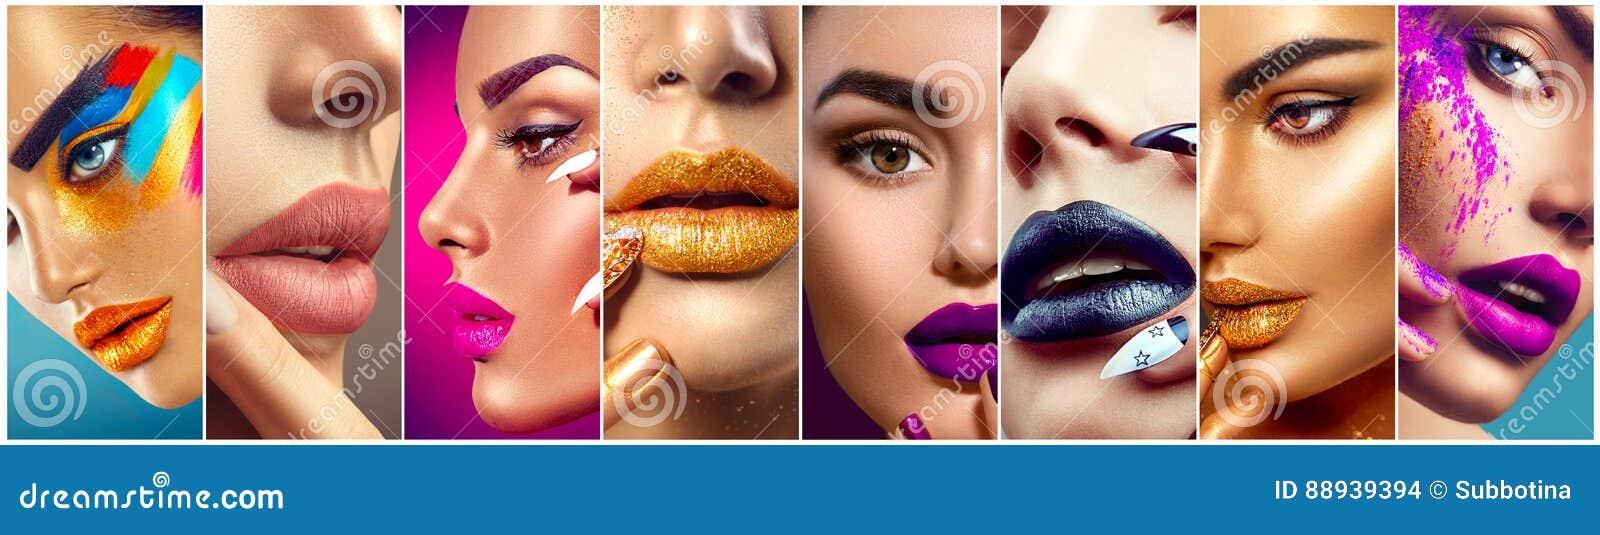 构成拼贴画 五颜六色的嘴唇、眼睛、眼影膏和钉子艺术